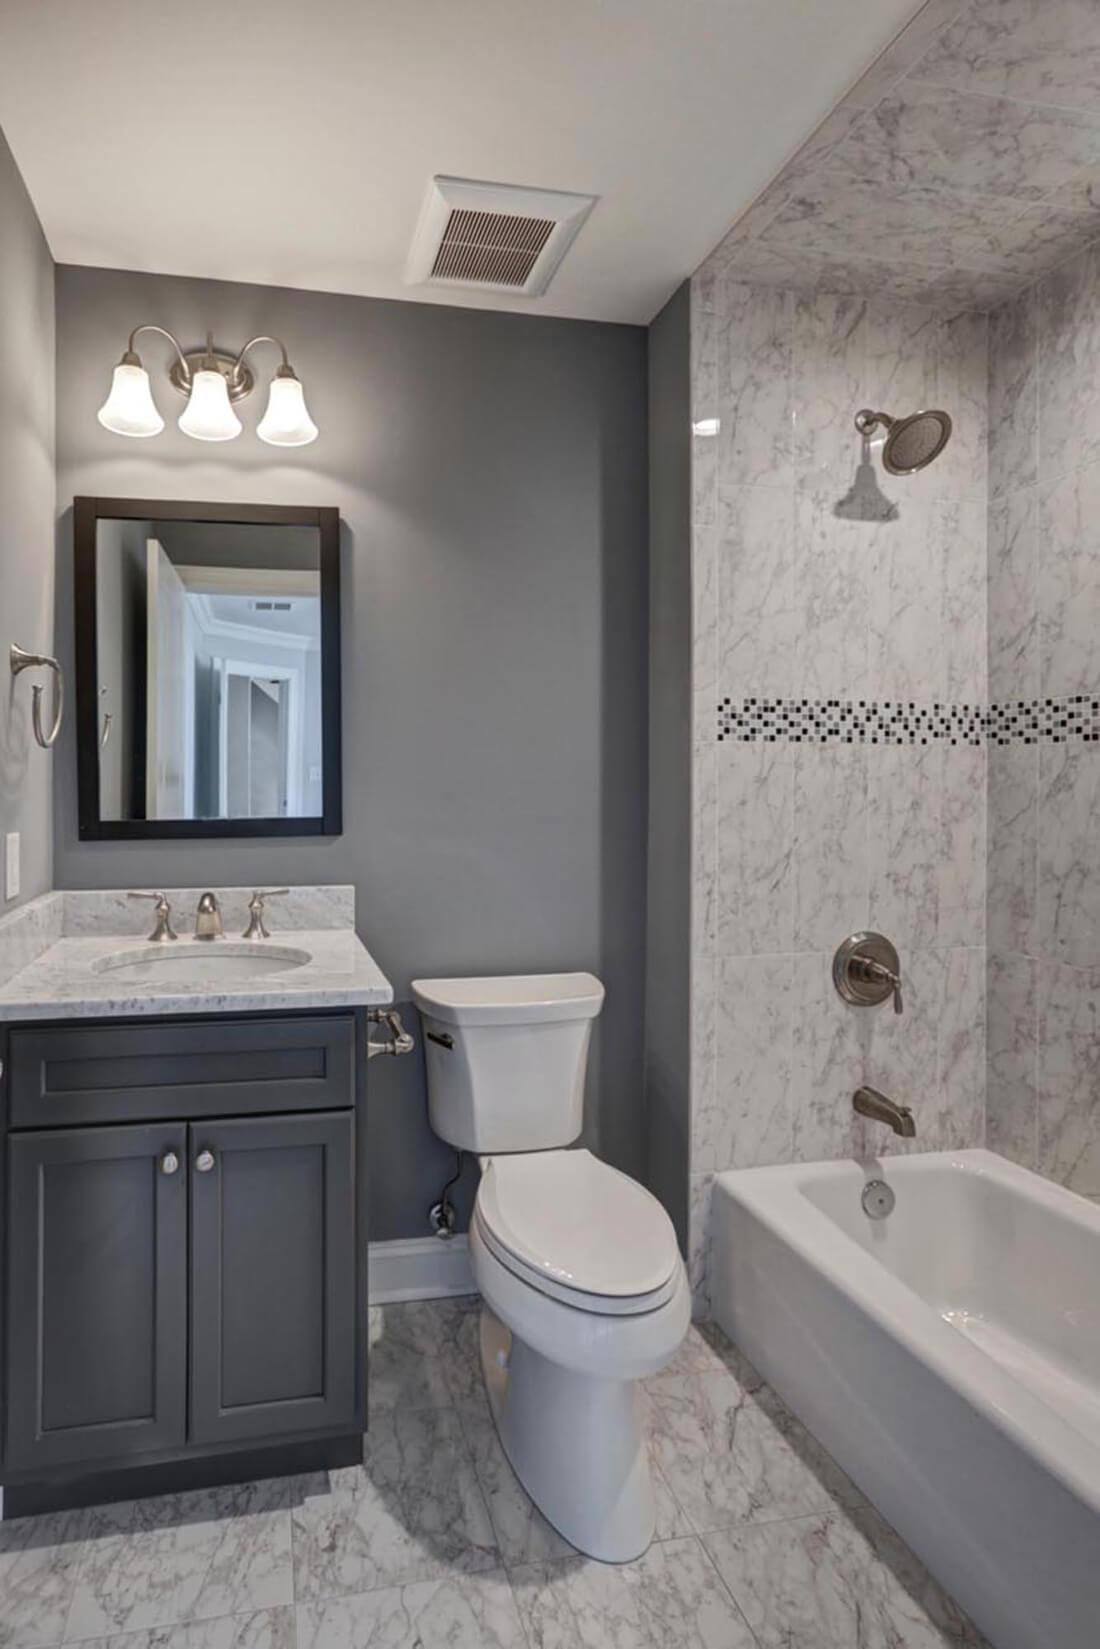 14 Wychview Ensuite Bathroom